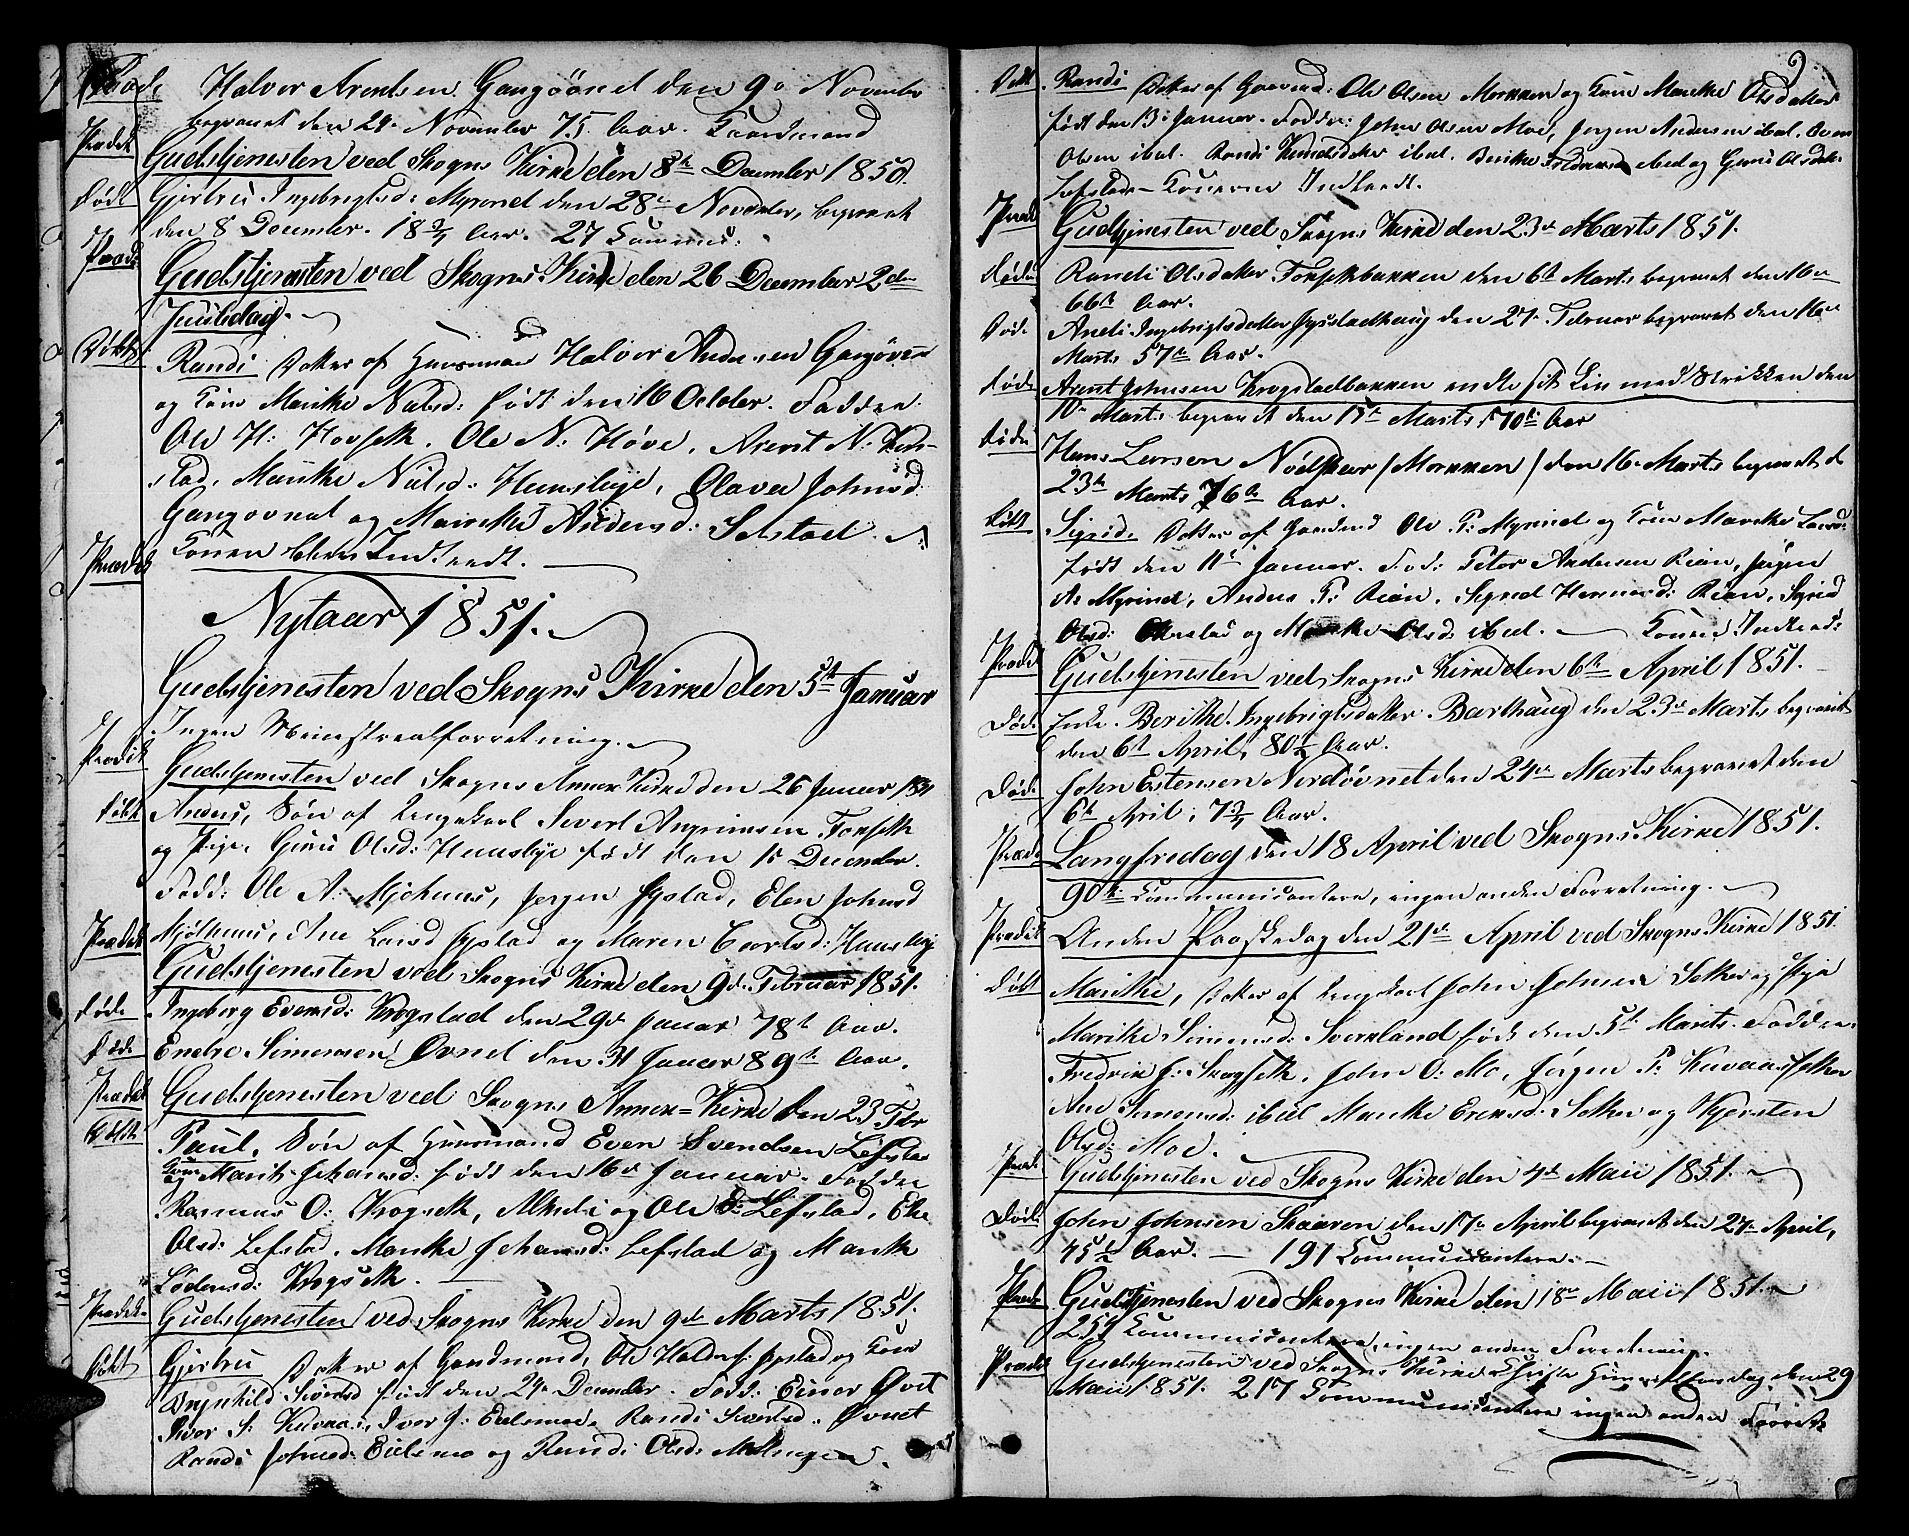 SAT, Ministerialprotokoller, klokkerbøker og fødselsregistre - Sør-Trøndelag, 667/L0797: Klokkerbok nr. 667C02, 1849-1867, s. 9